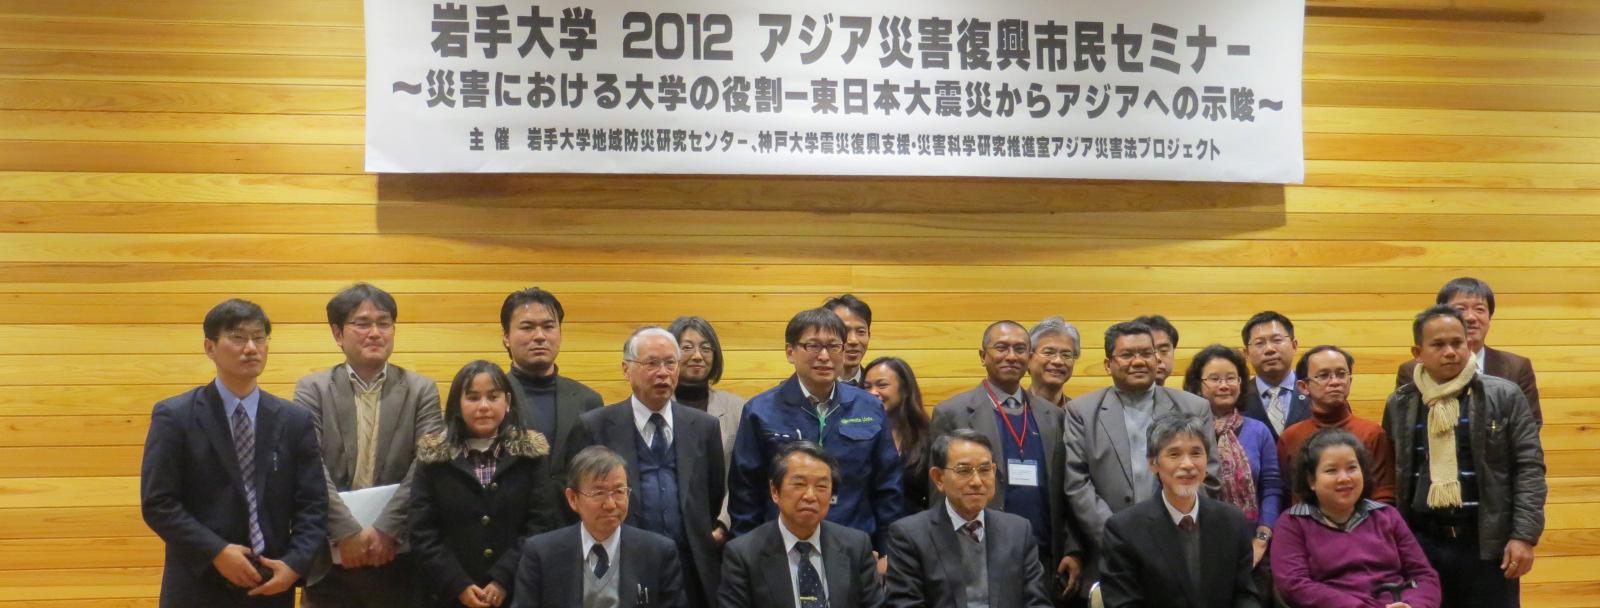 第3回地域防災フォーラム(2012年12月22日)